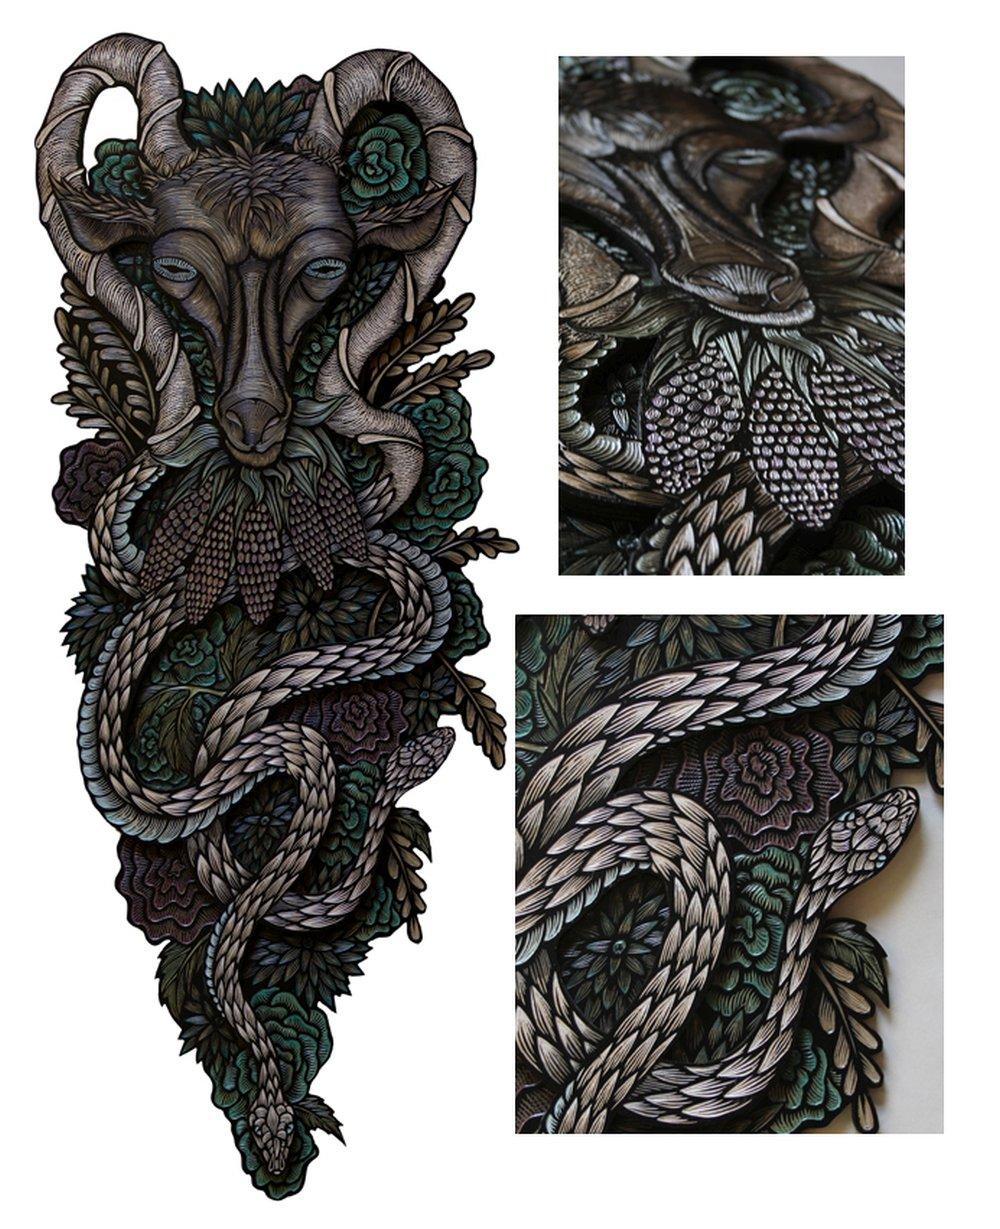 Dennis McNett - Wood Carvings - Harvest Deity